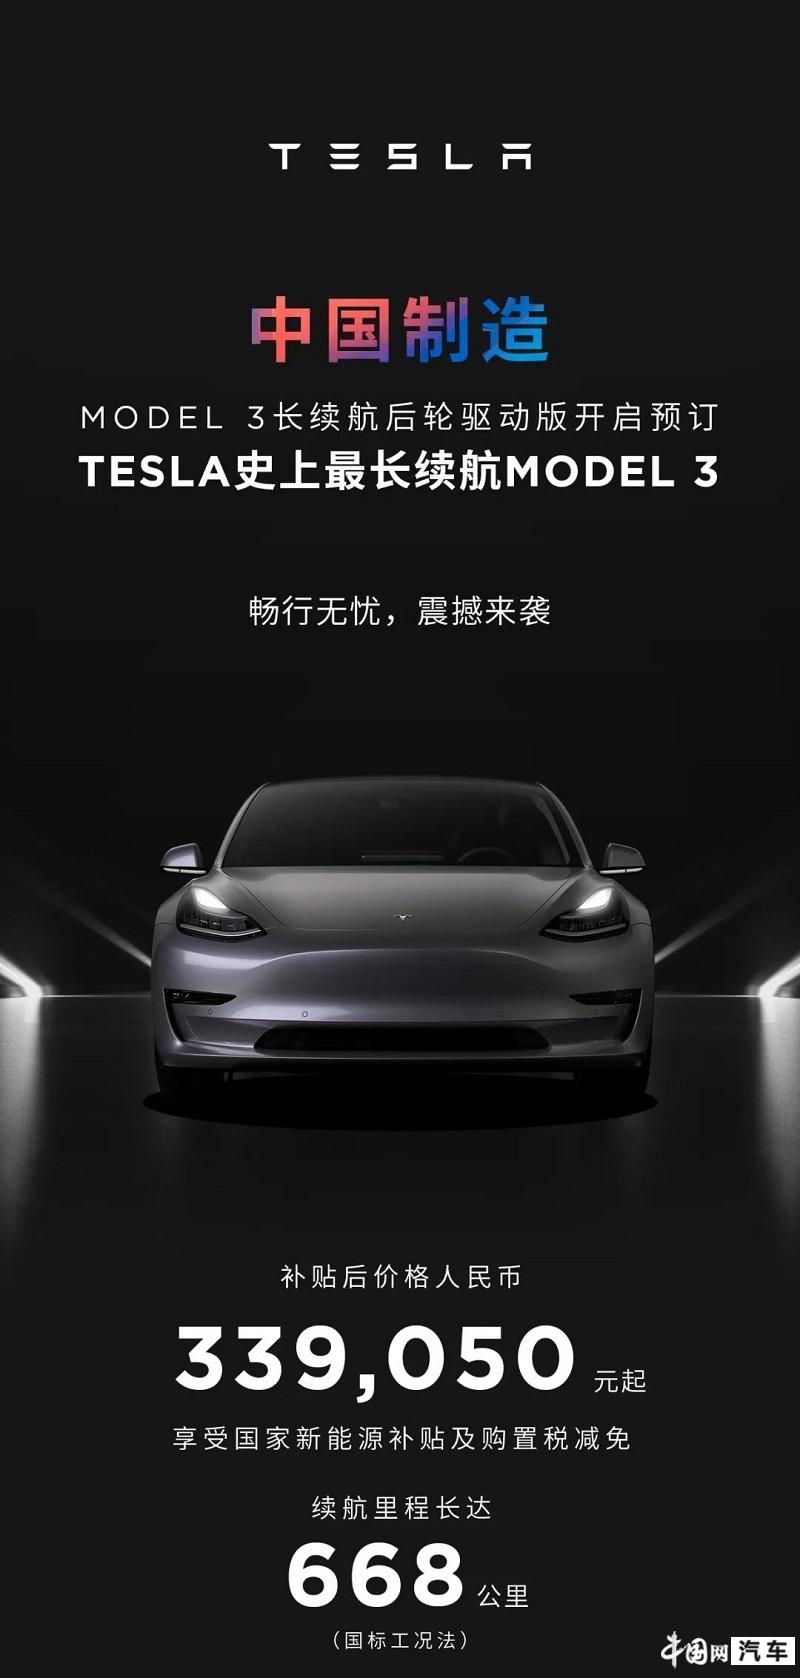 国产特斯拉Model 3开放预订 起售价339050元 预计6月起开始交付